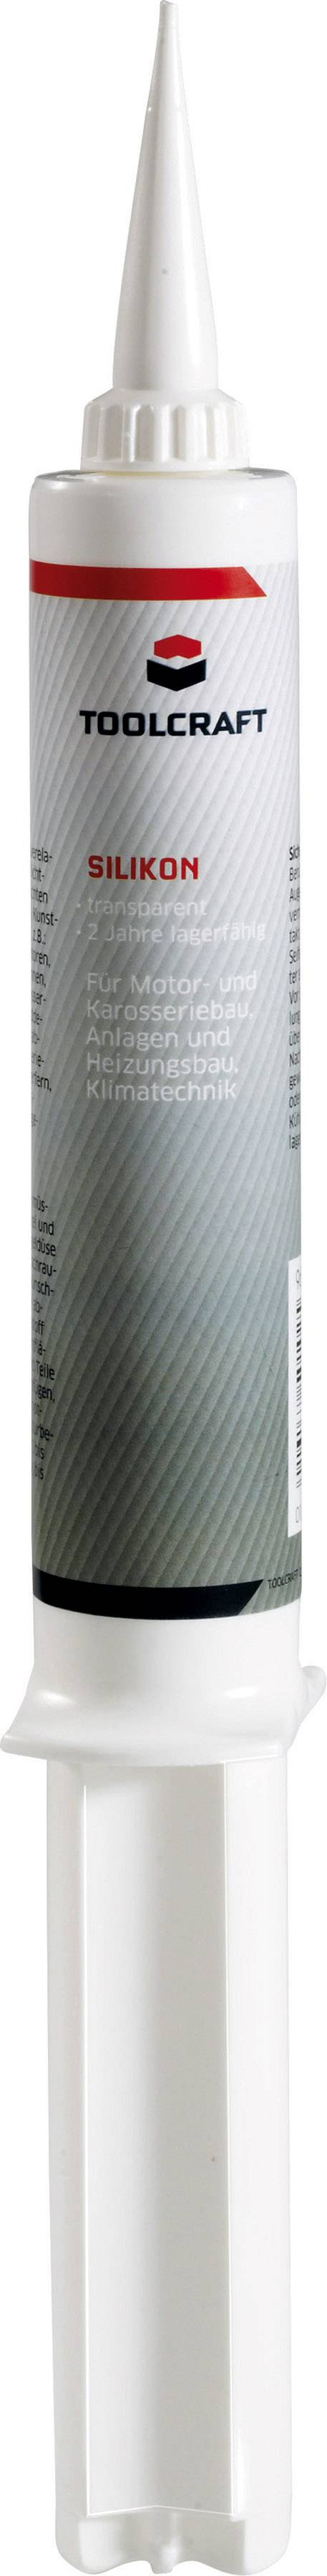 Silikon Toolcraft TC-SIL80M, transparentní